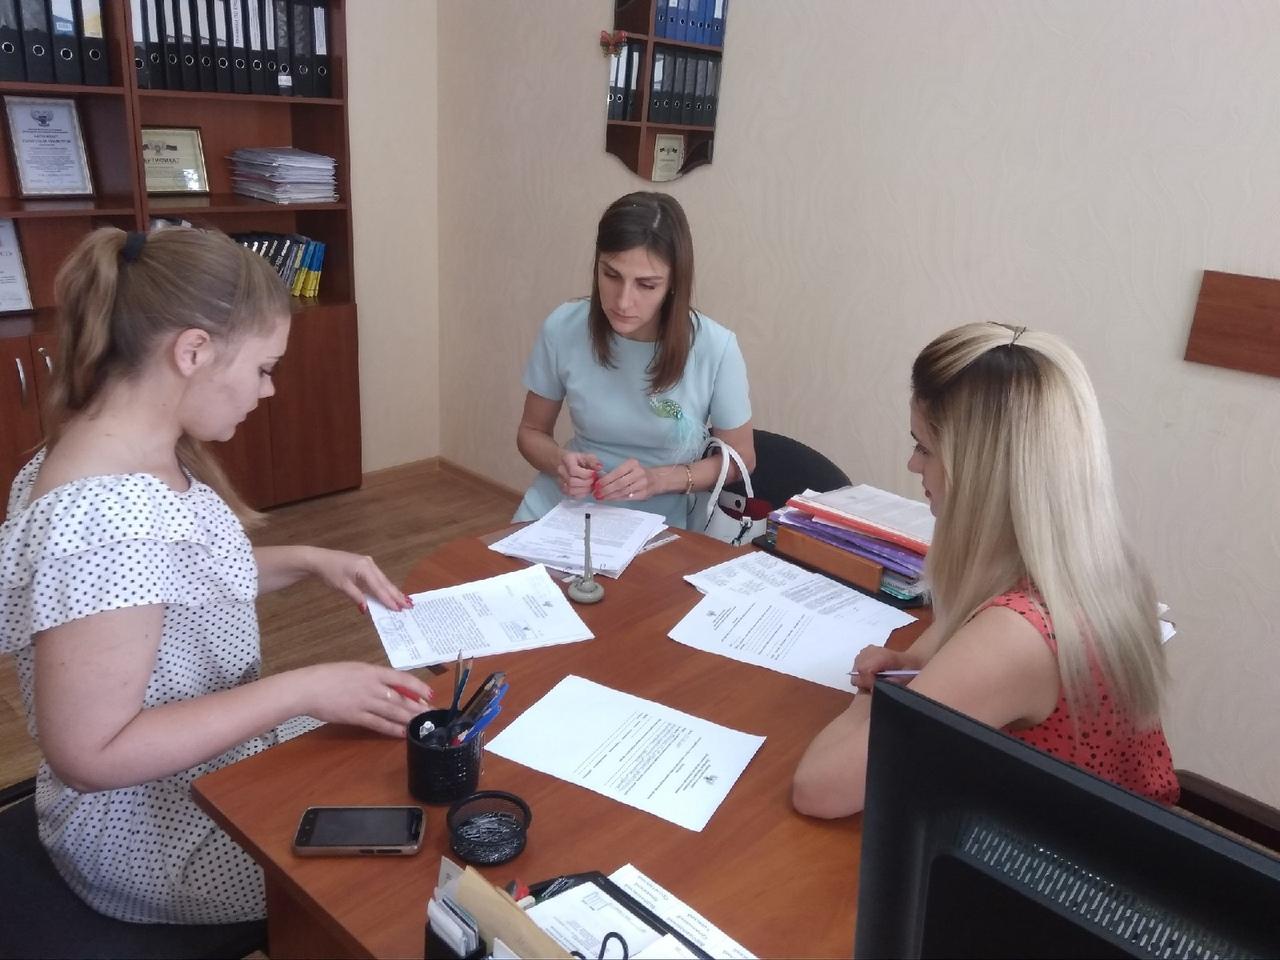 Донецким городским управлением юстиции была проведена рабочая встреча с представителем администрации города Донецка